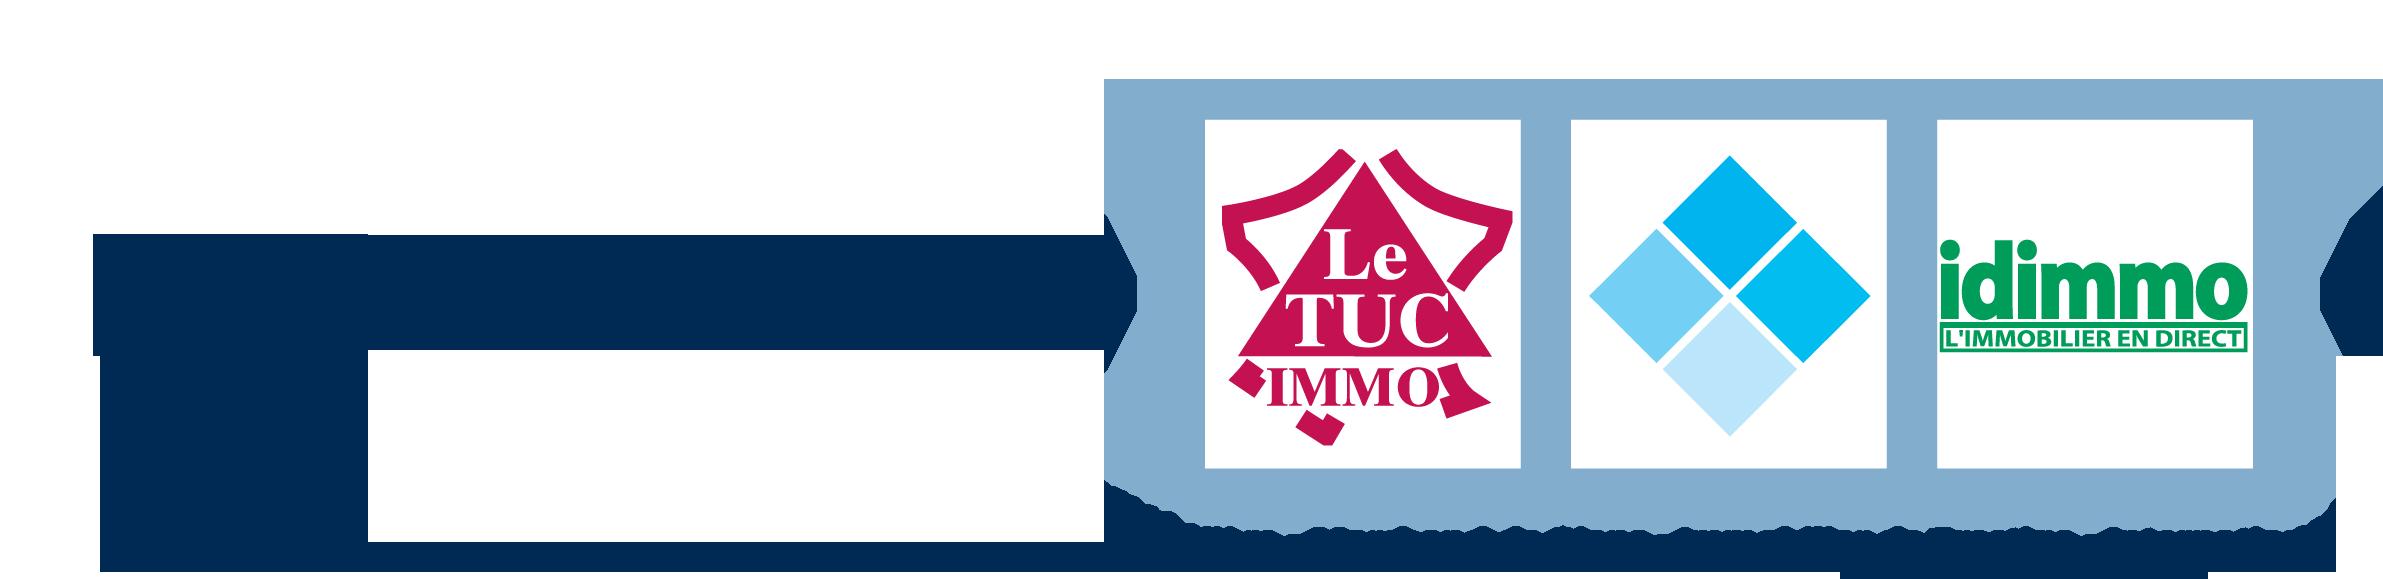 Logo_EMD_Le_TUC_IDIMMO_300dpi.png